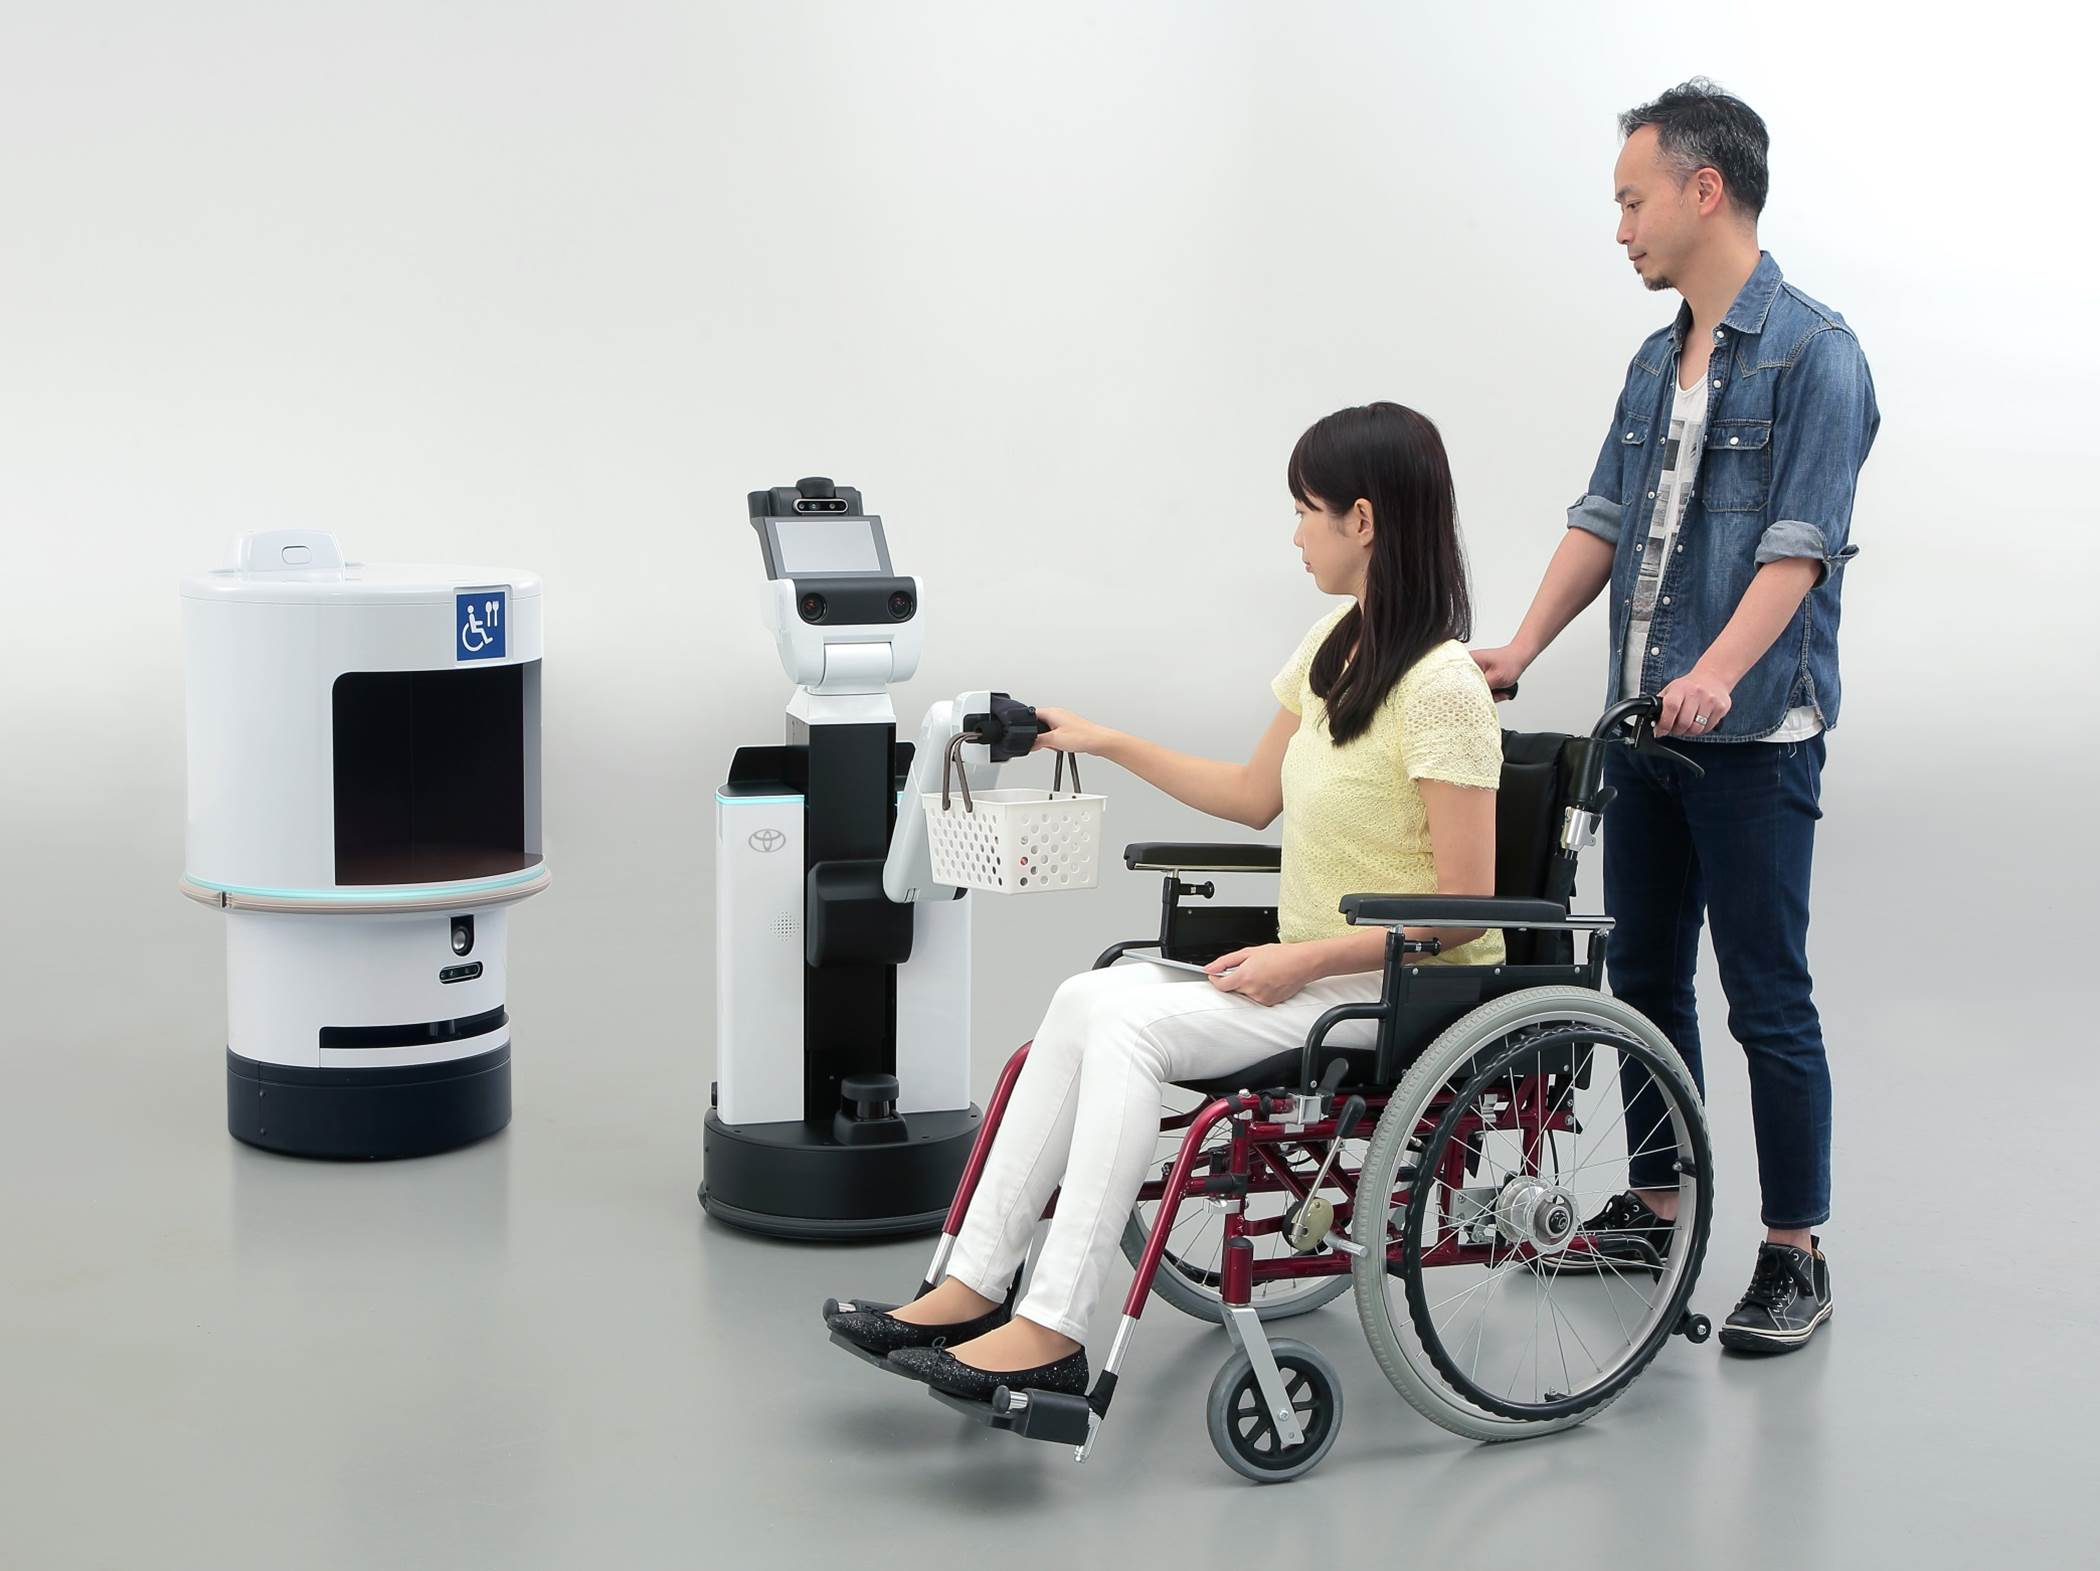 robotics HSR